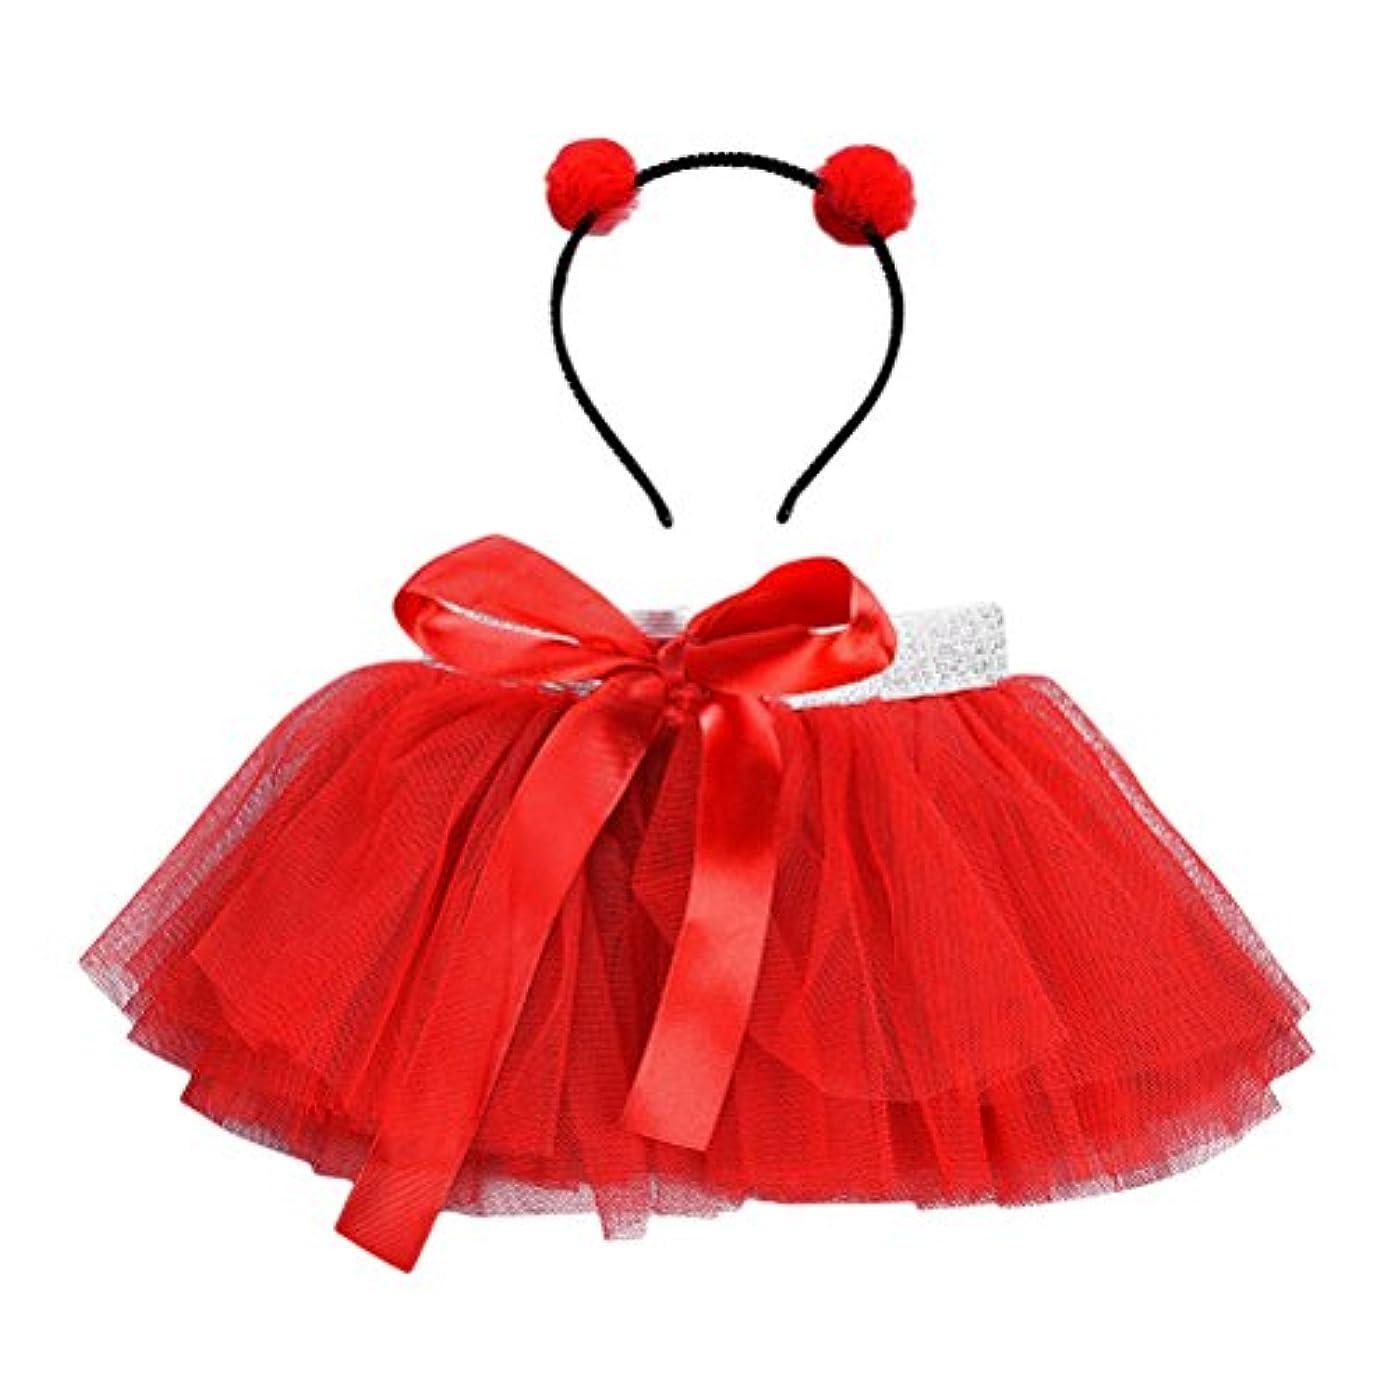 マウンド腸分類LUOEM 女の子TutuスカートセットヘッドバンドプリンセスガールTutuの服装赤ちゃん女の子Birthday Outfit Set(Red)